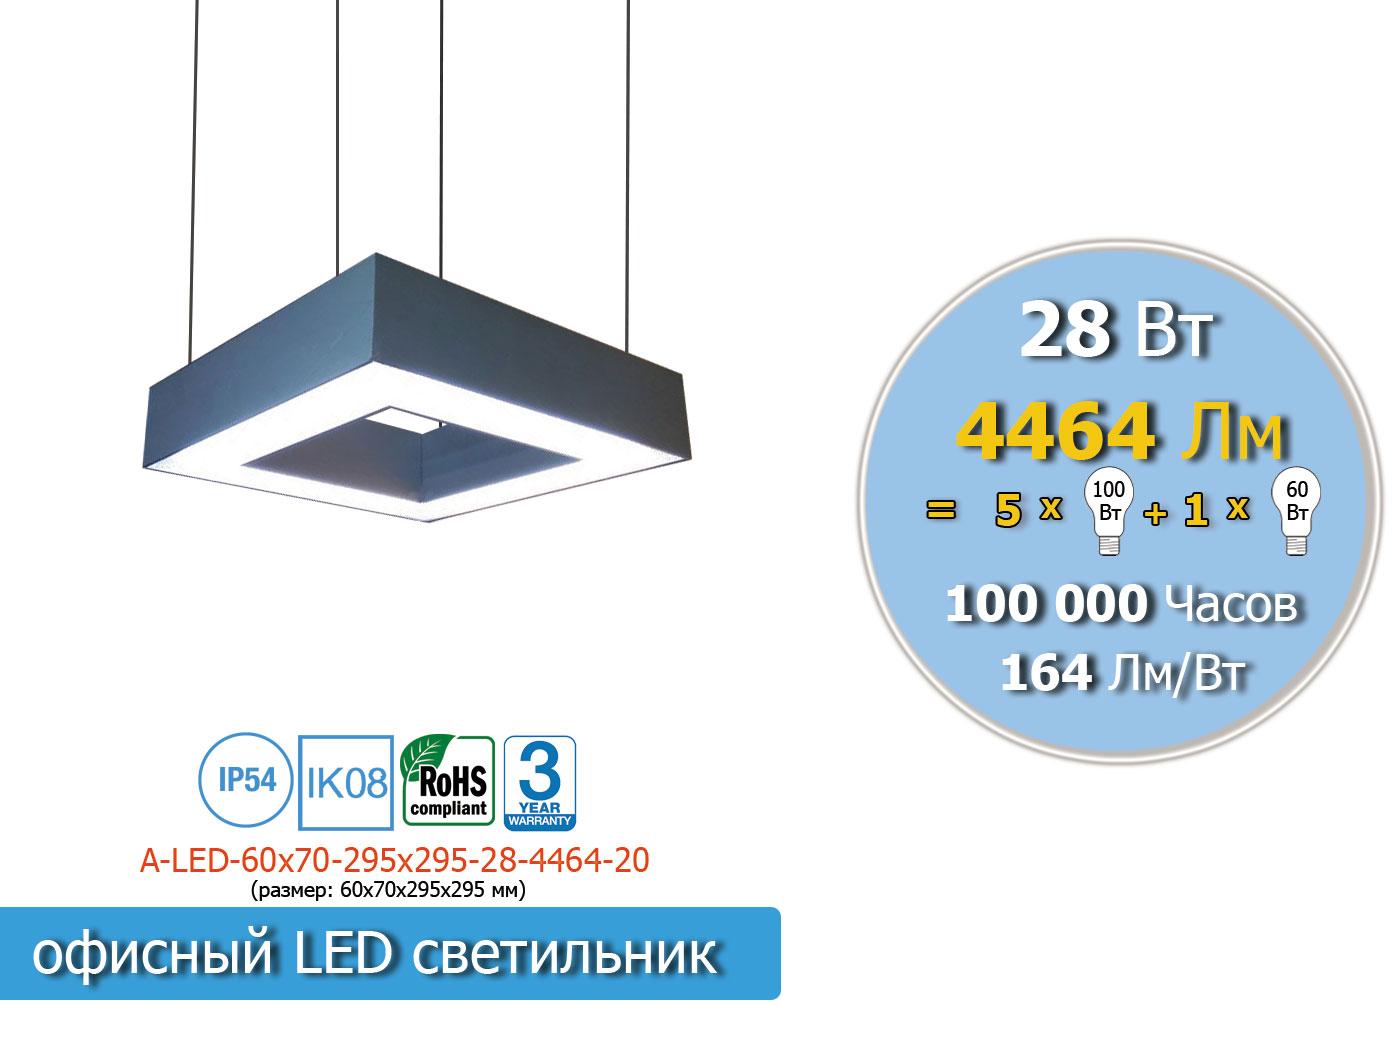 Прямоугольный LED светильник 28 Вт